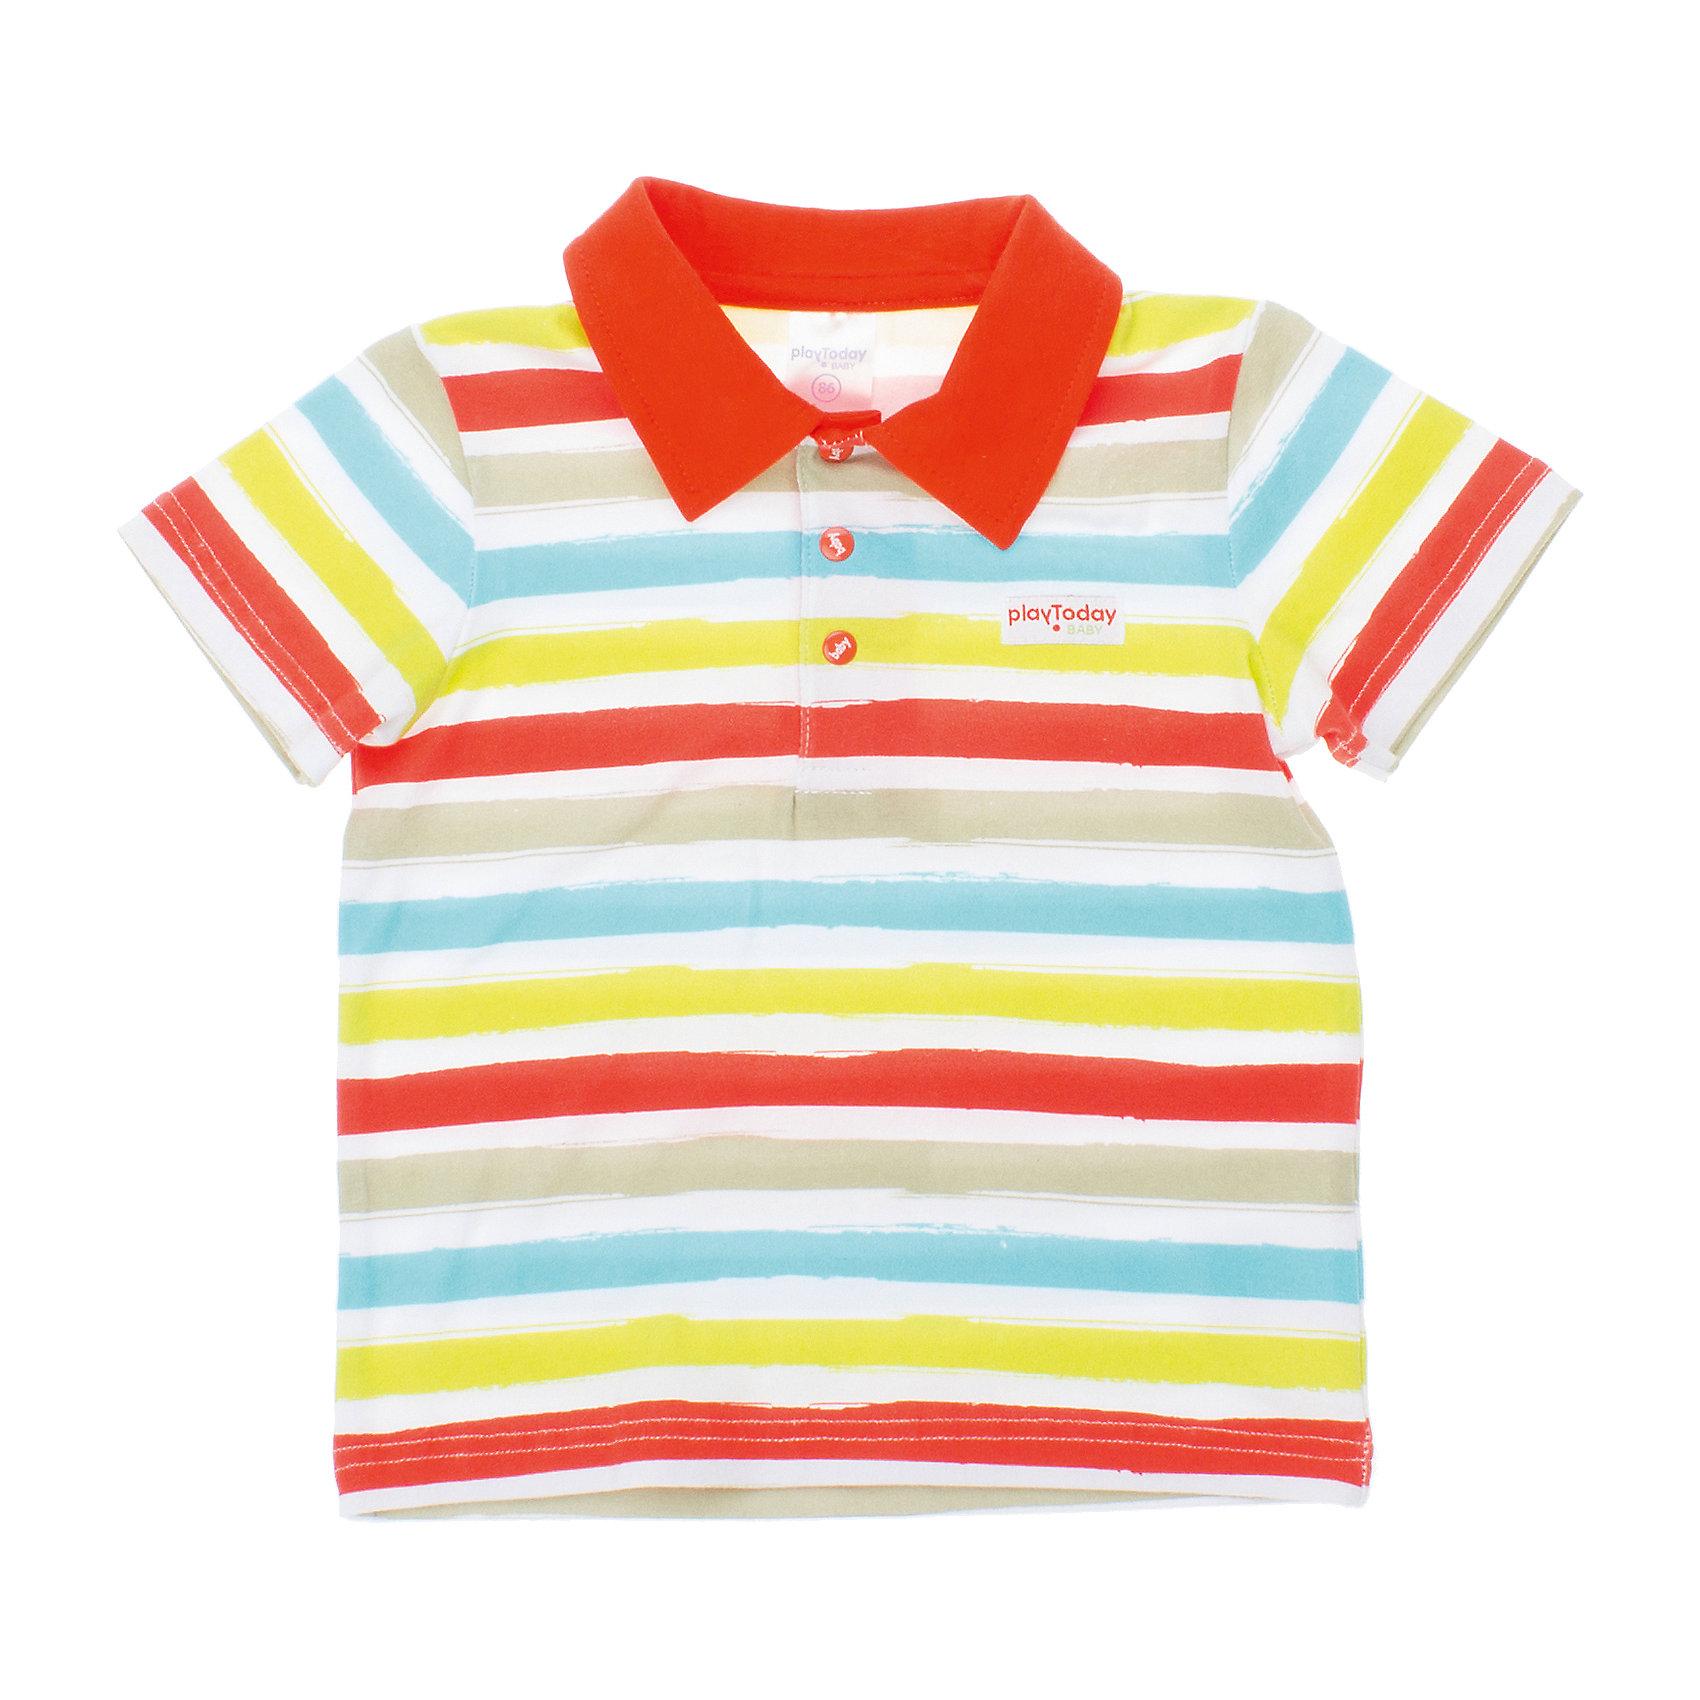 Футболка-поло для мальчика PlayTodayФутболки, поло и топы<br>Футболка для мальчика PlayToday <br><br>Состав: 95% хлопок, 5% эластан <br><br>Воротник поло оранжевого цвета<br>Застежки-кнопки на воротнике<br><br>Ширина мм: 199<br>Глубина мм: 10<br>Высота мм: 161<br>Вес г: 151<br>Цвет: белый<br>Возраст от месяцев: 9<br>Возраст до месяцев: 12<br>Пол: Мужской<br>Возраст: Детский<br>Размер: 74,80,92,86<br>SKU: 4502927